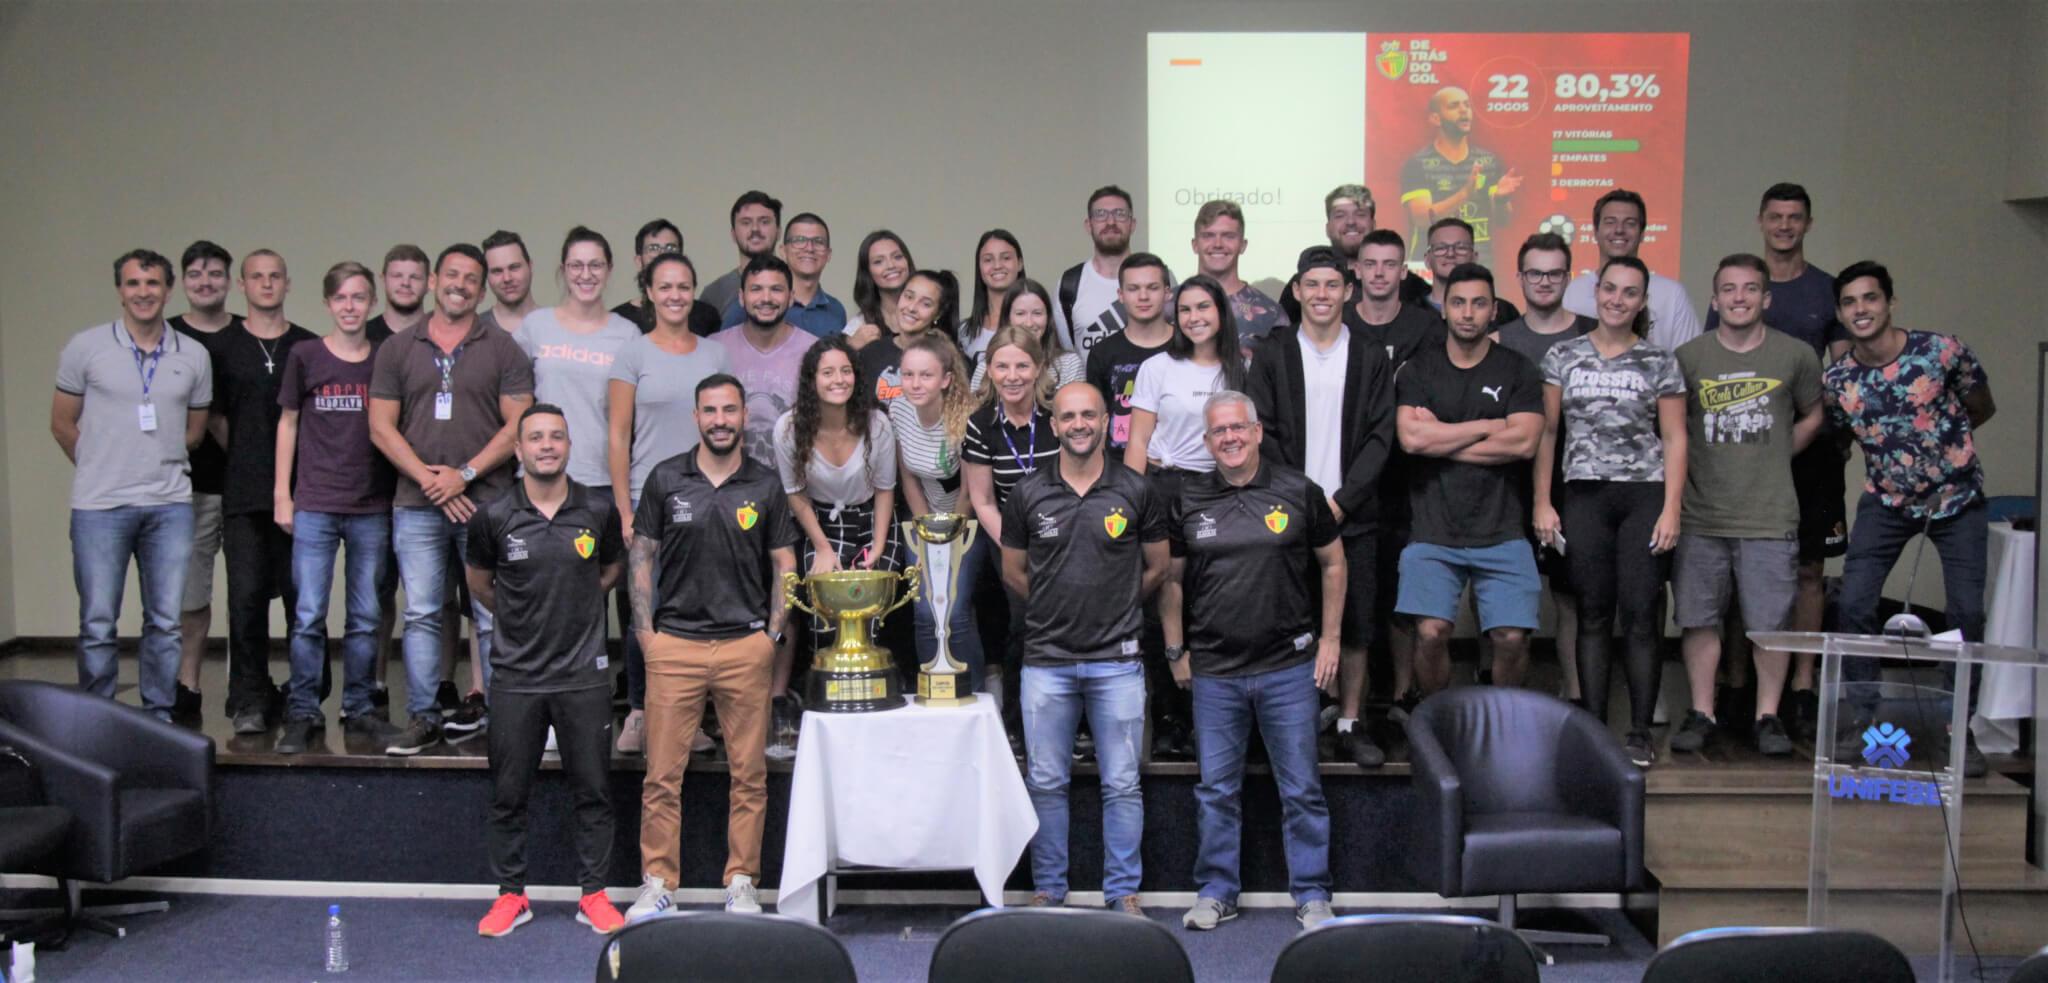 Comissão Técnica do Brusque FC fala sobre trajetória profissional aos acadêmicos de Educação Física